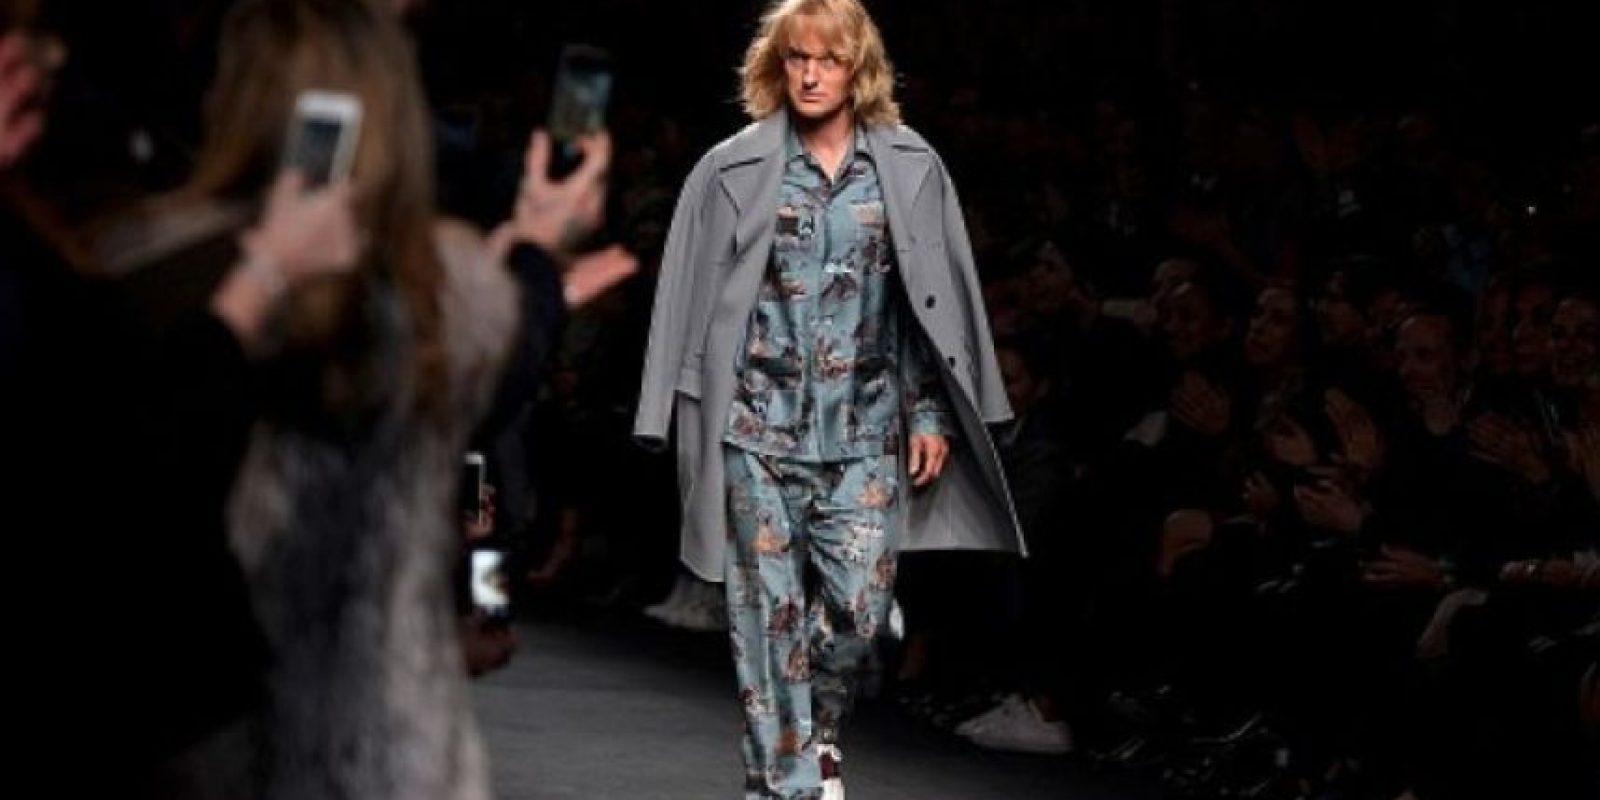 Otras escenas fueron grabadas en la Semana de la Moda en París Foto:Getty Images